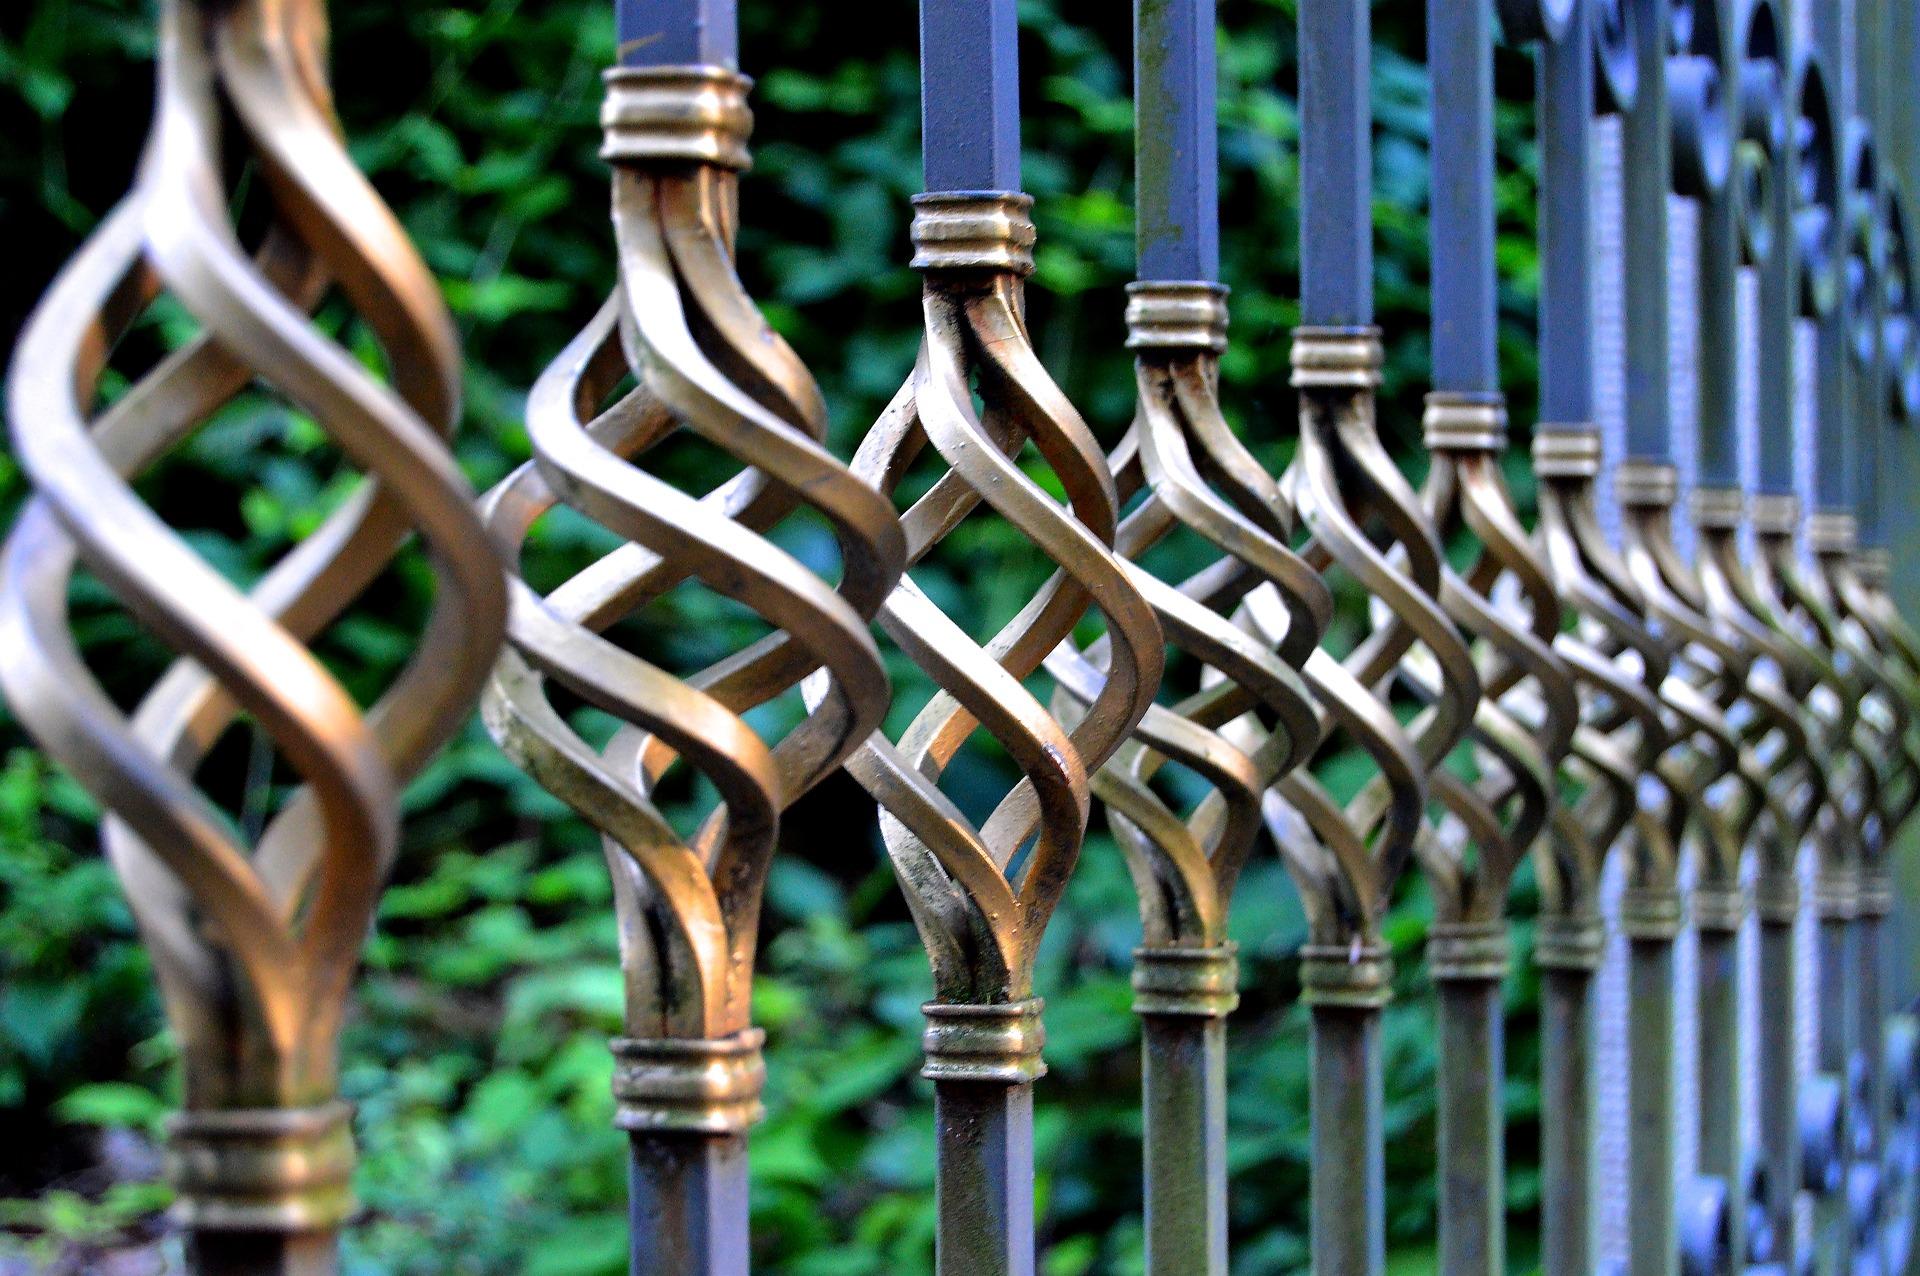 Doskonała architektura ogrodowa